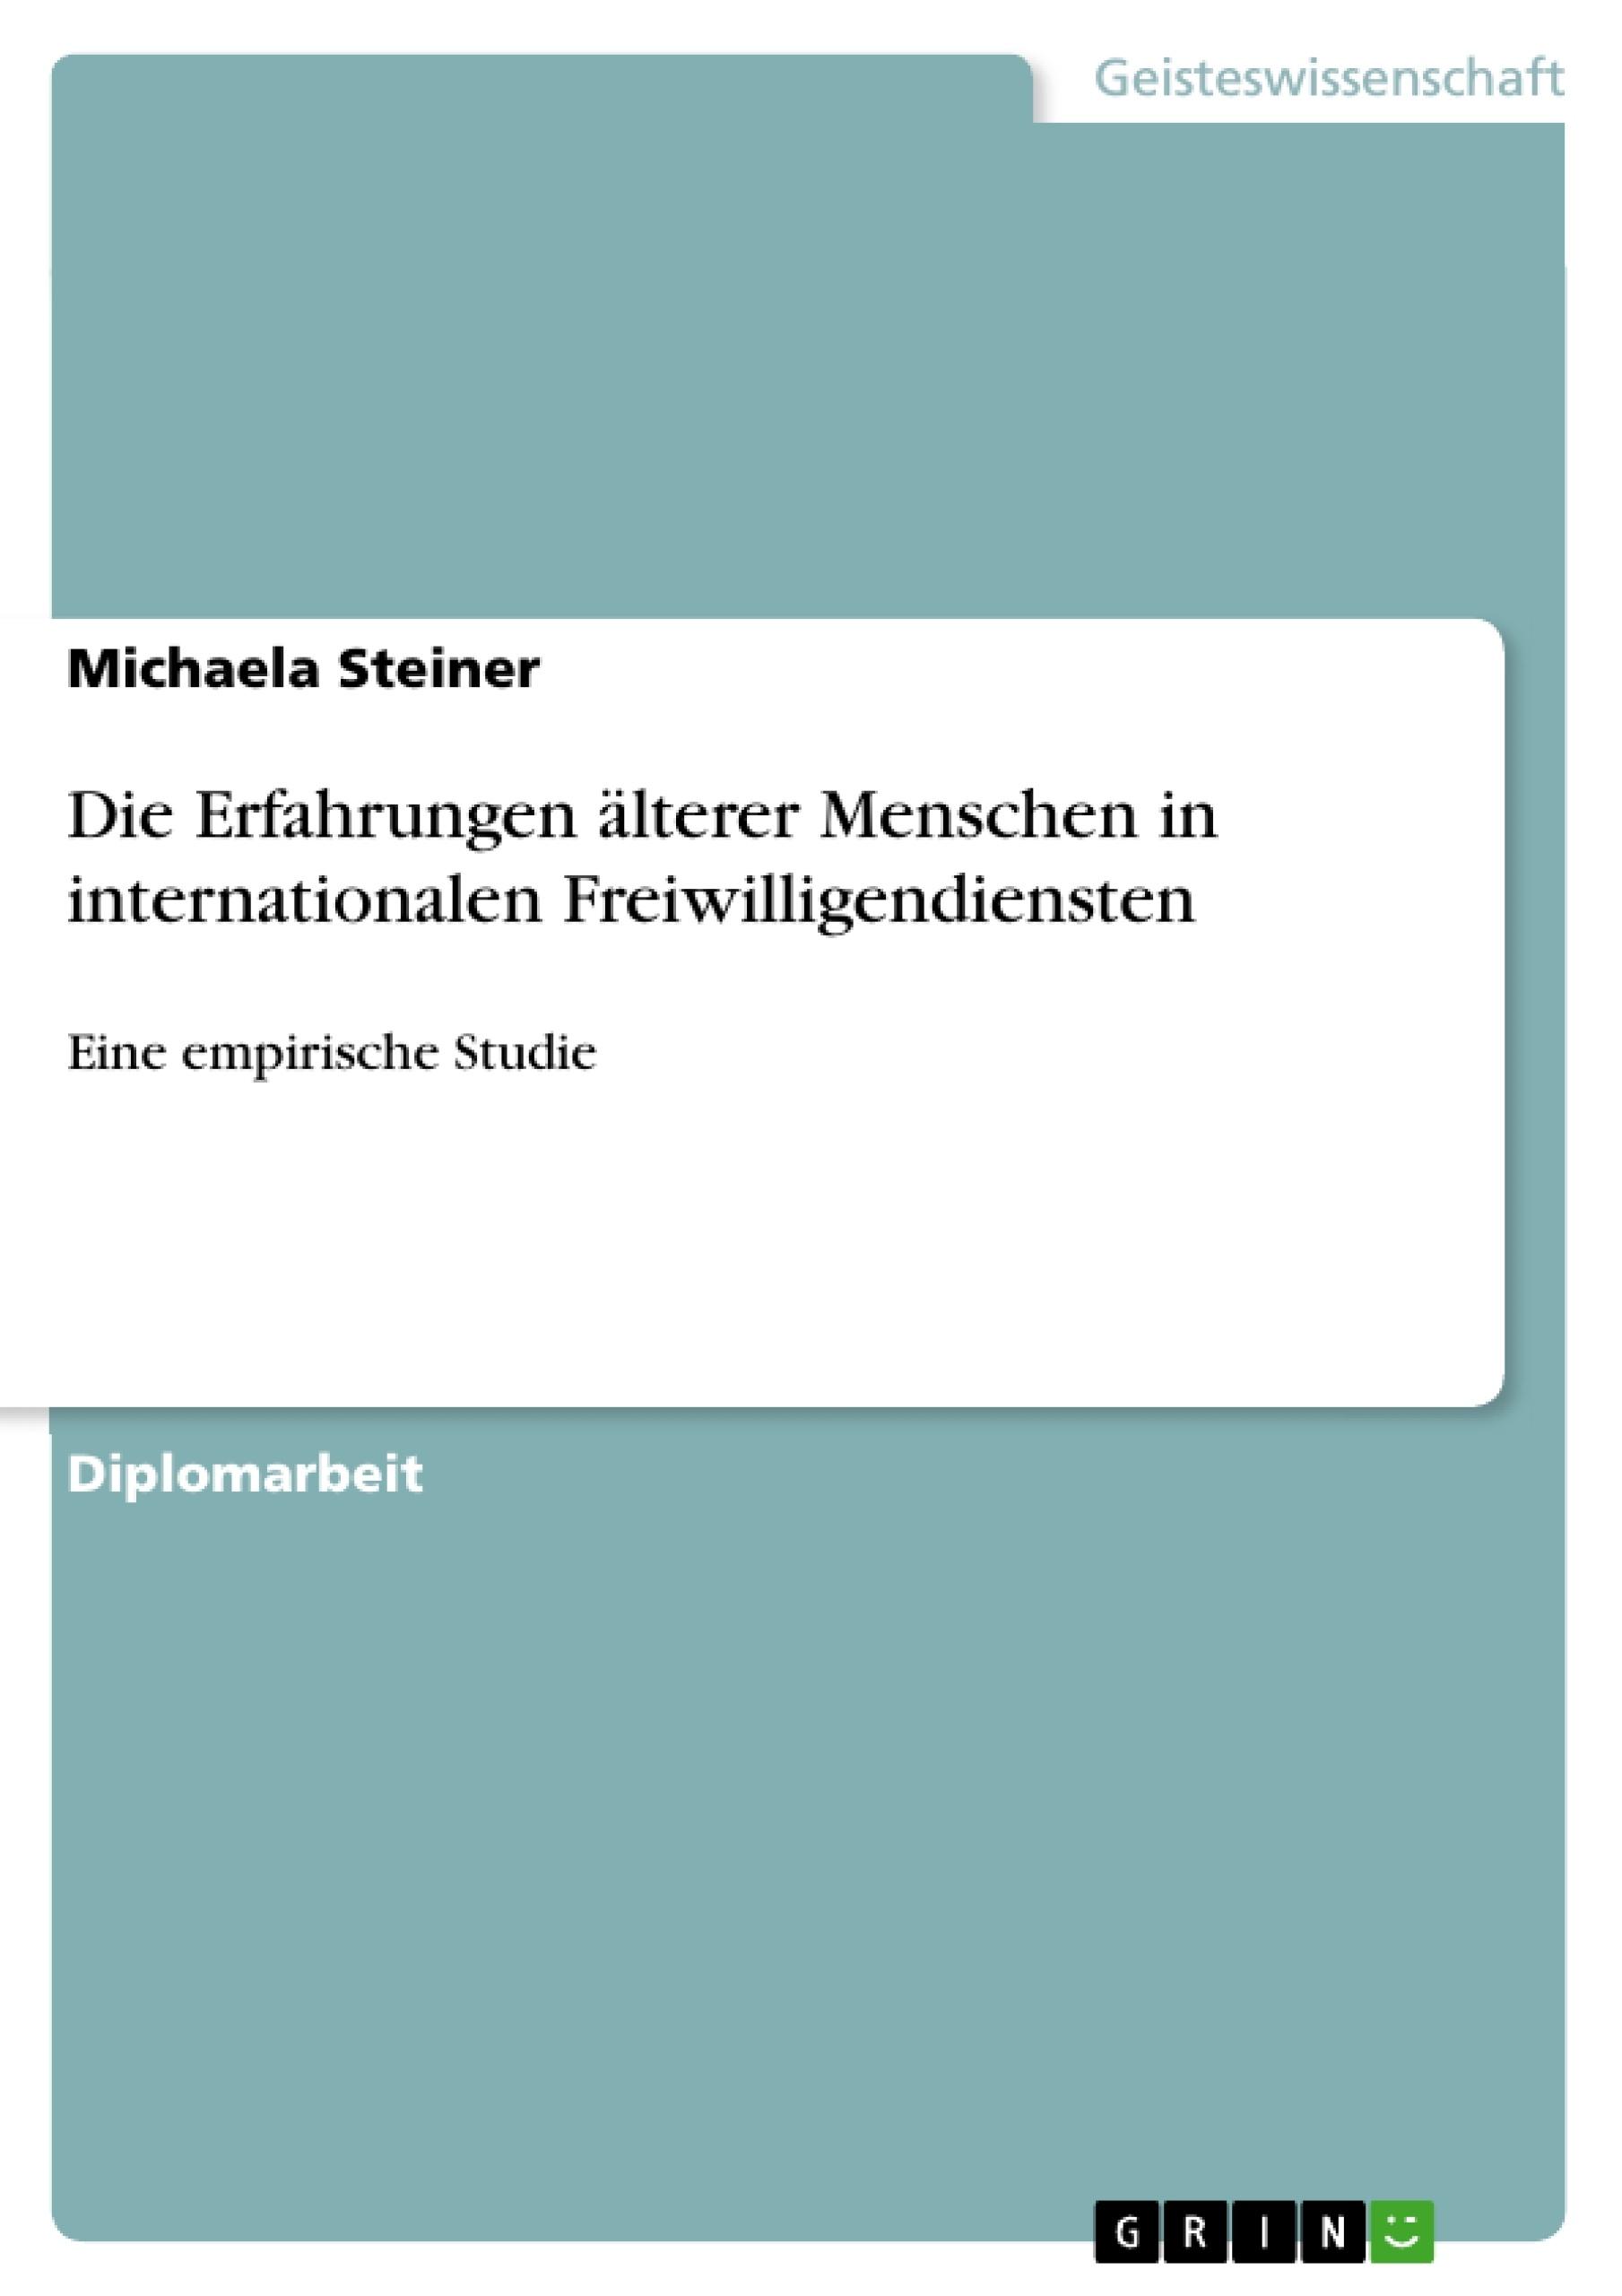 Titel: Die Erfahrungen älterer Menschen in internationalen Freiwilligendiensten